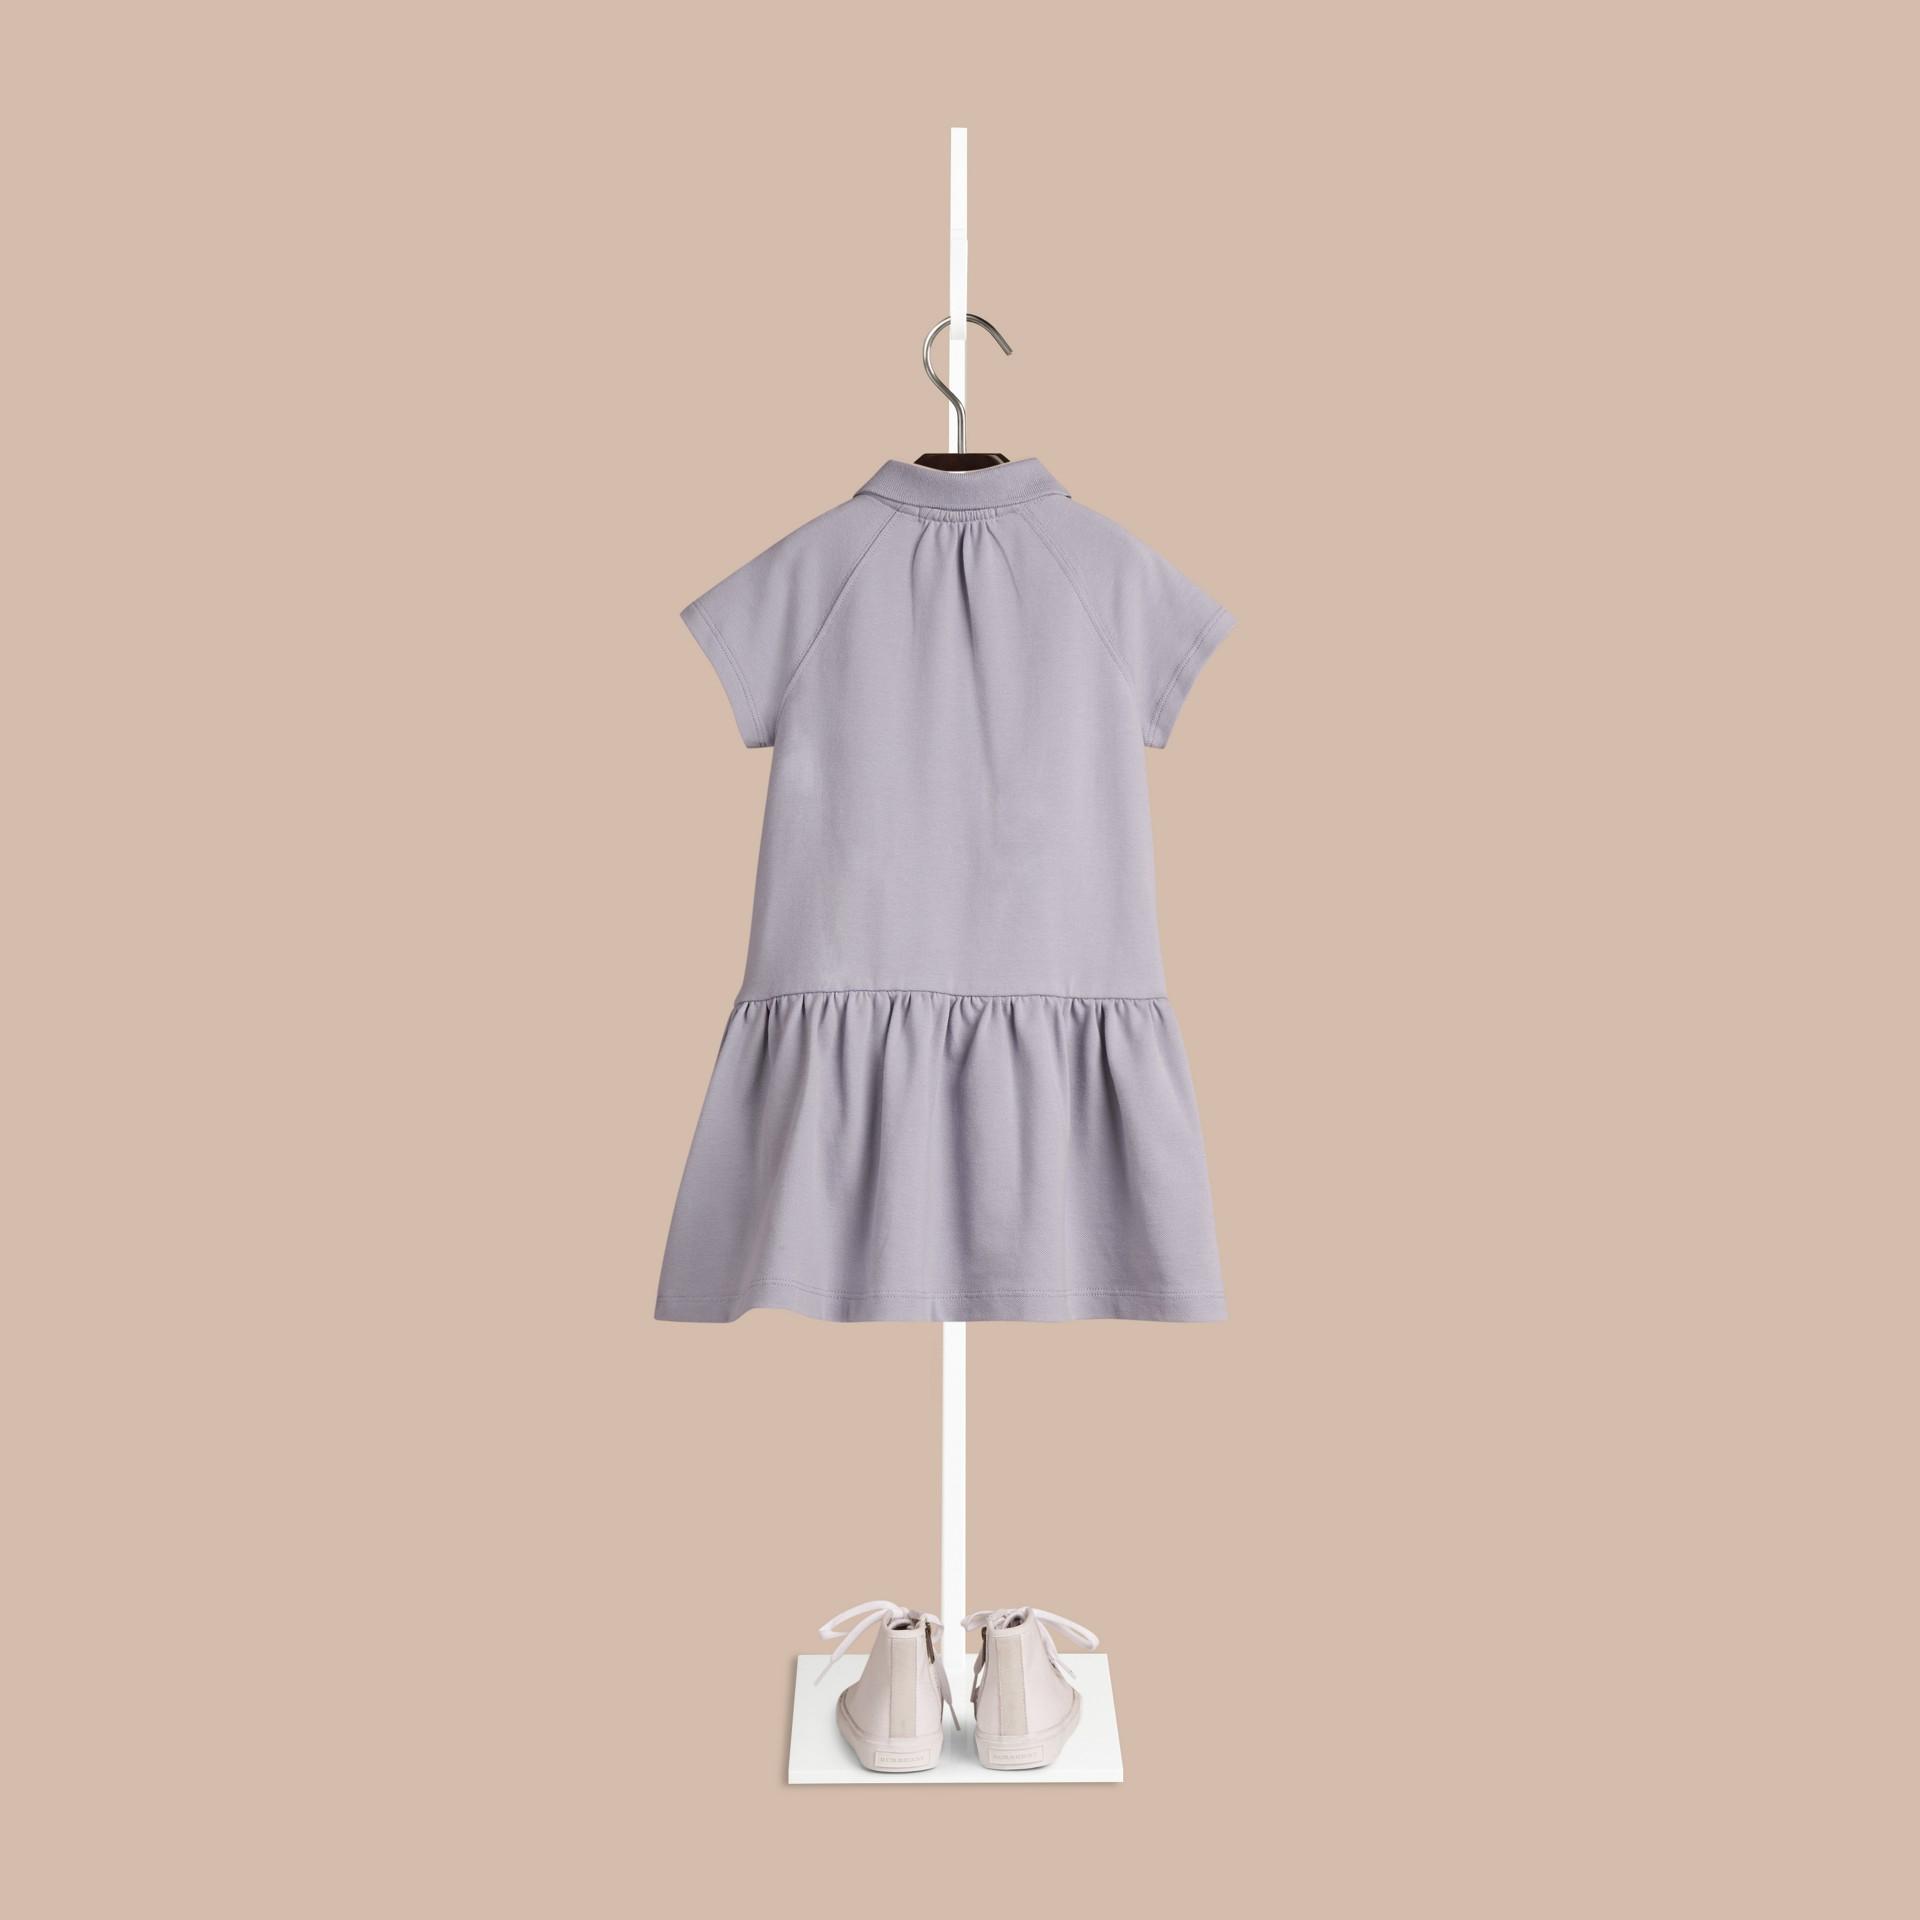 Blu lupino pallido Abito T-shirt in misto cotone con paramontura check Blu Lupino Pallido - immagine della galleria 2